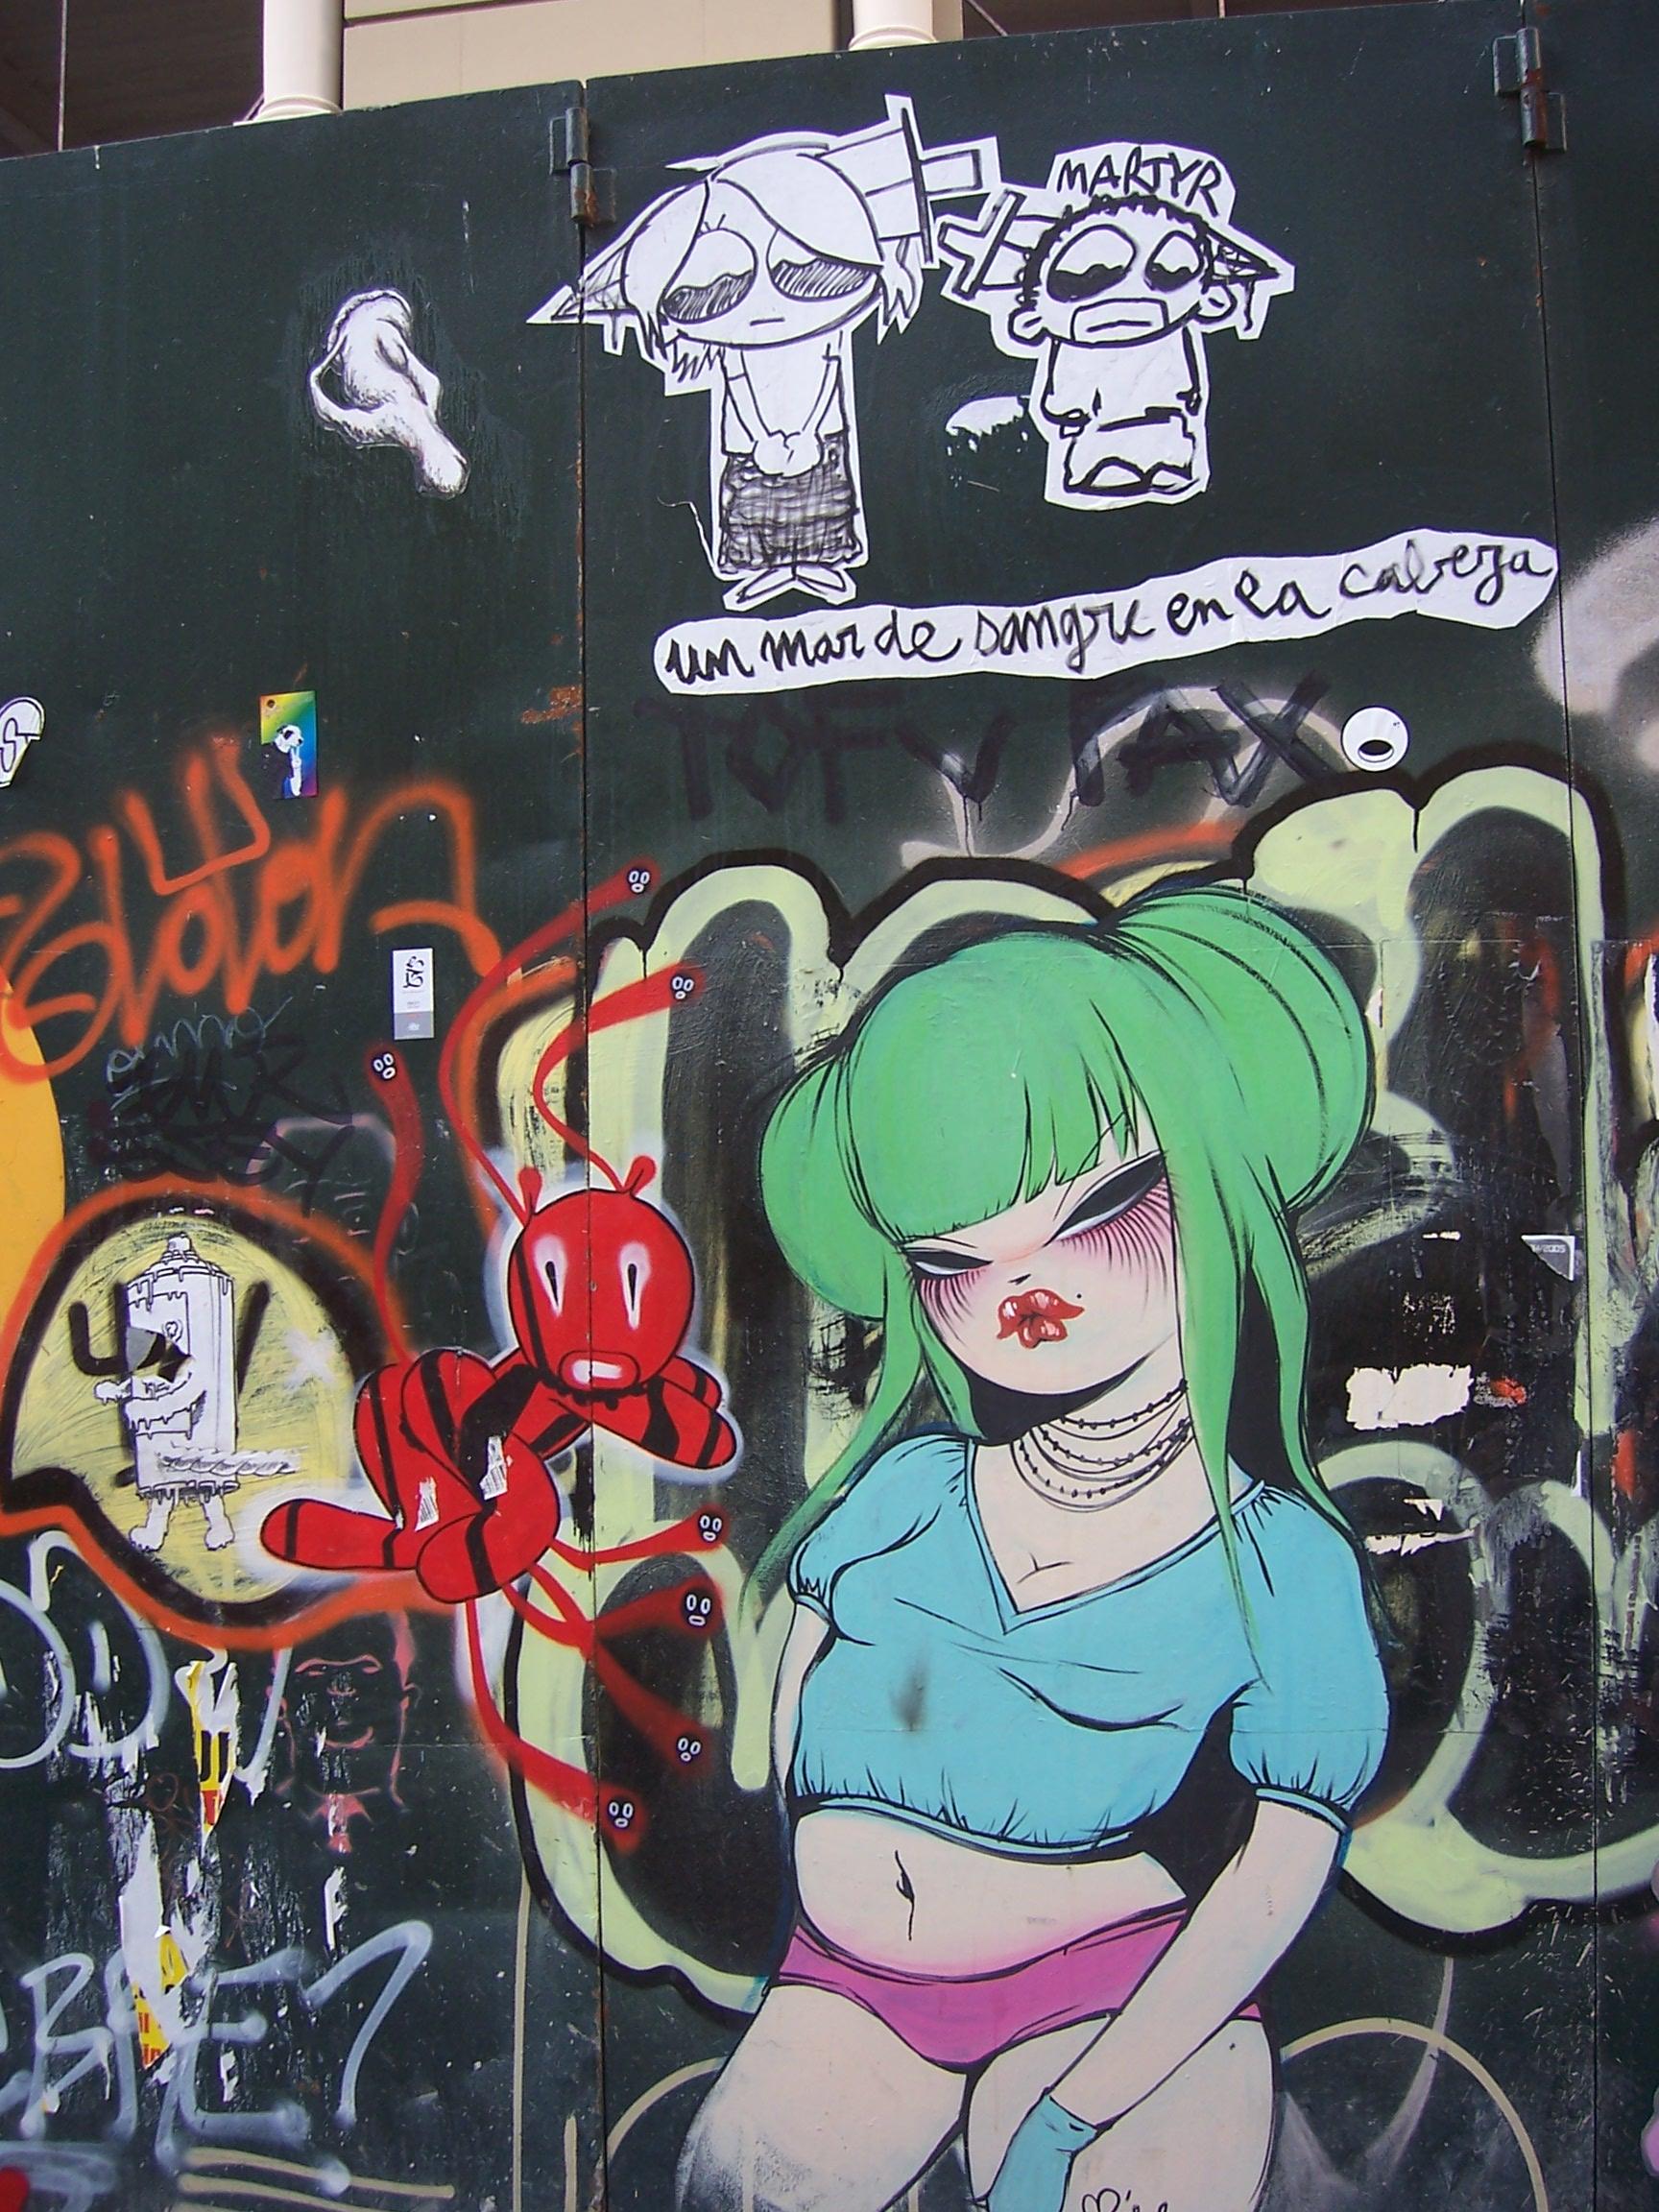 http://www.chato.cl/2005/viajes/6/Grafiti_chana.jpg